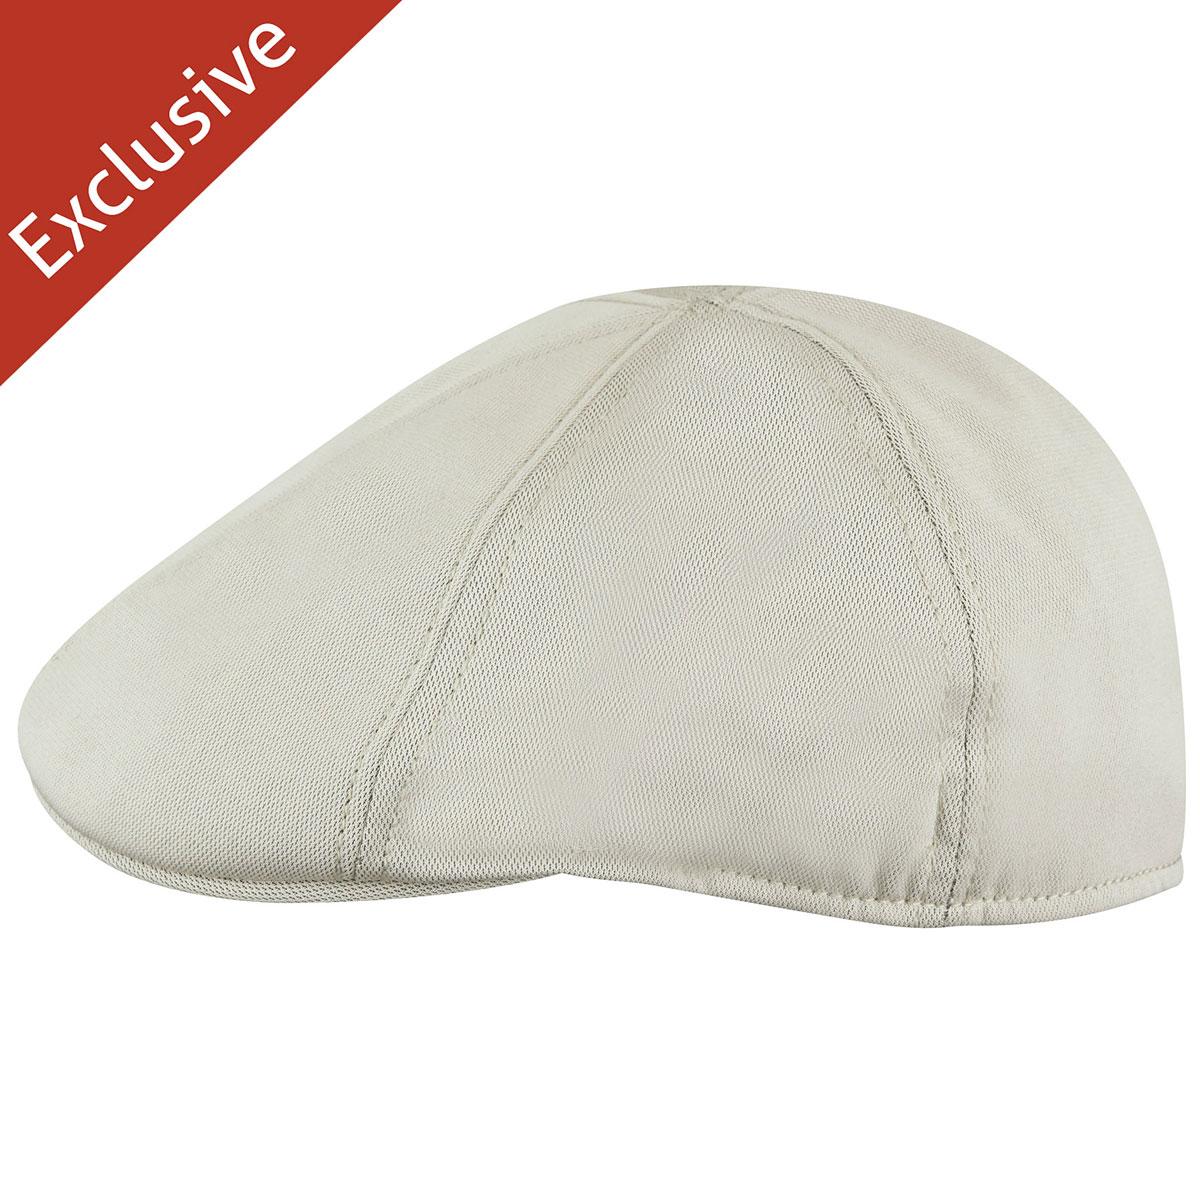 Hats.com Boris Bamboo Cap in Stone